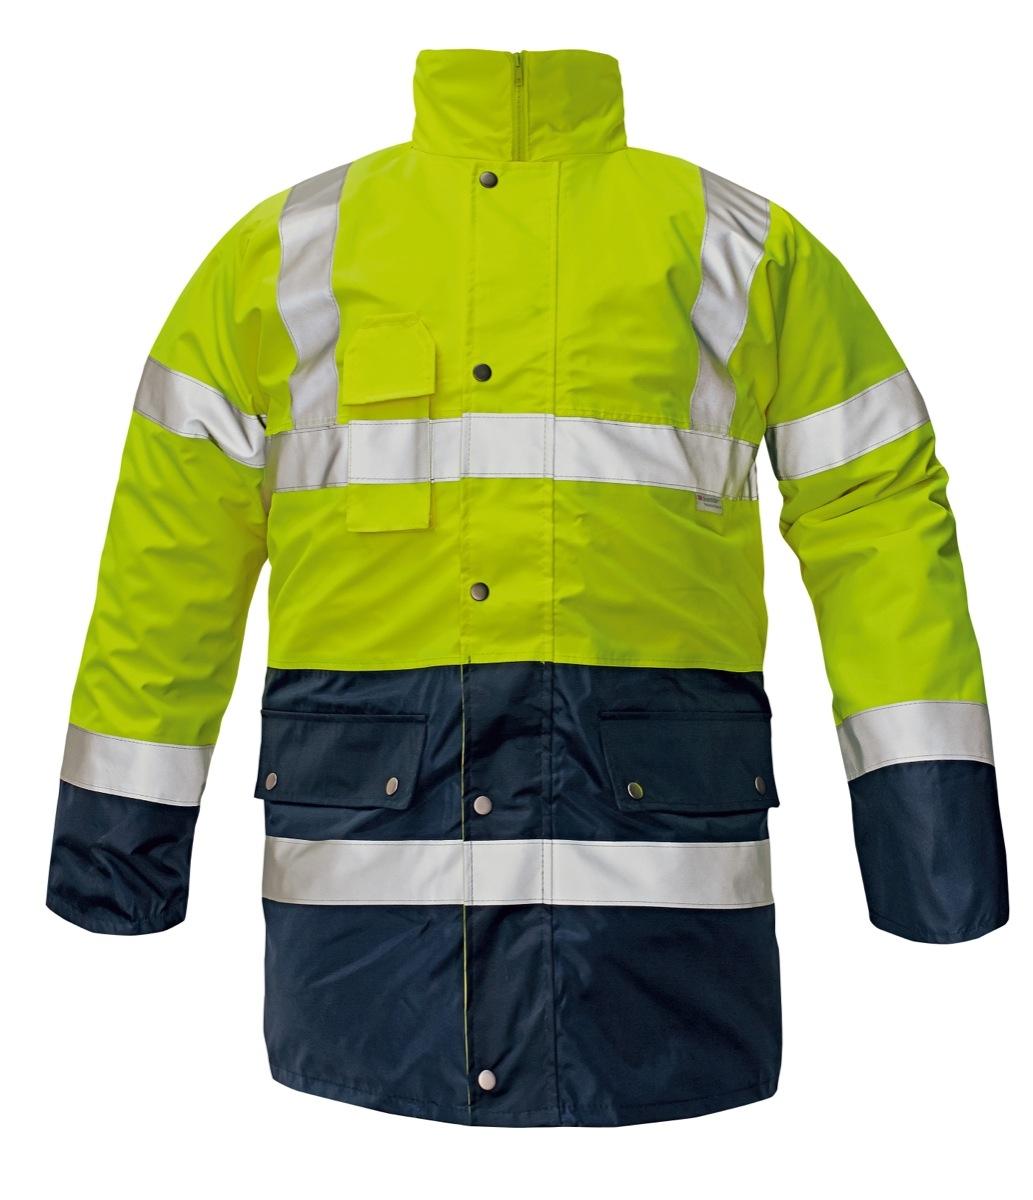 BI ROAD 4/1 kabát HV sárga/sötétkék